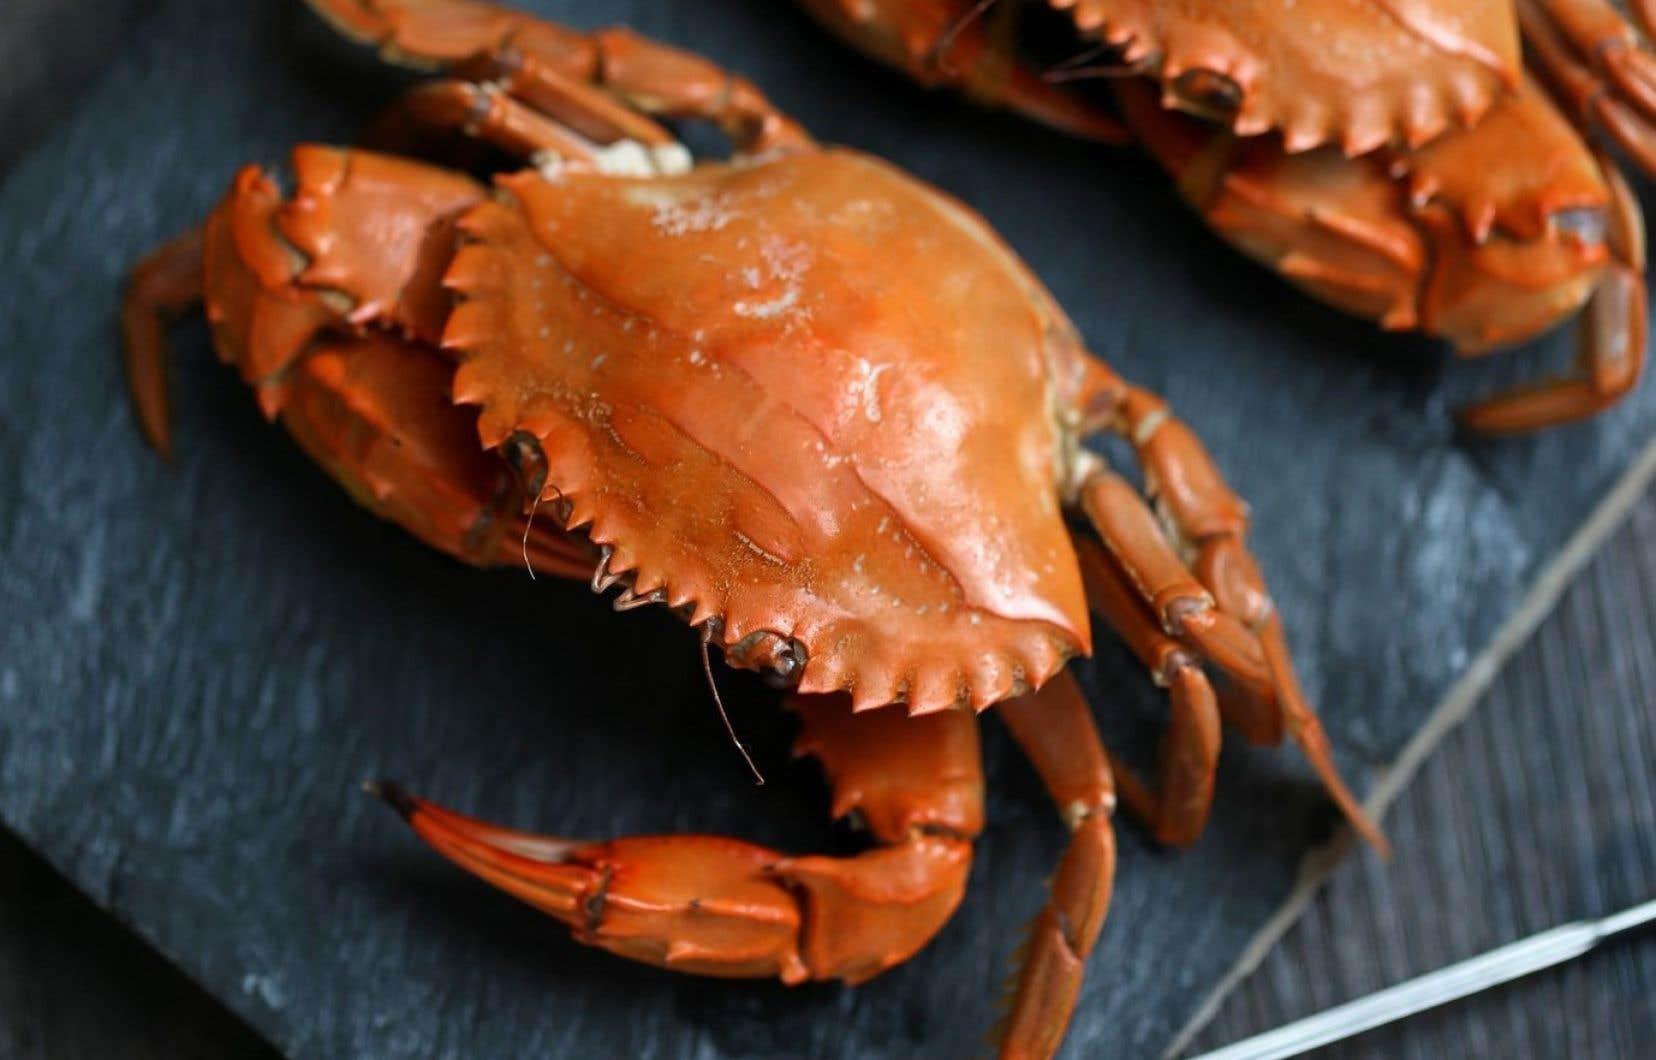 Le crabe commun est reconnaissable à sa carapace aplatie de forme plutôt ovale d'un brun rougeâtre brodée de dents sur sa face antérieure.